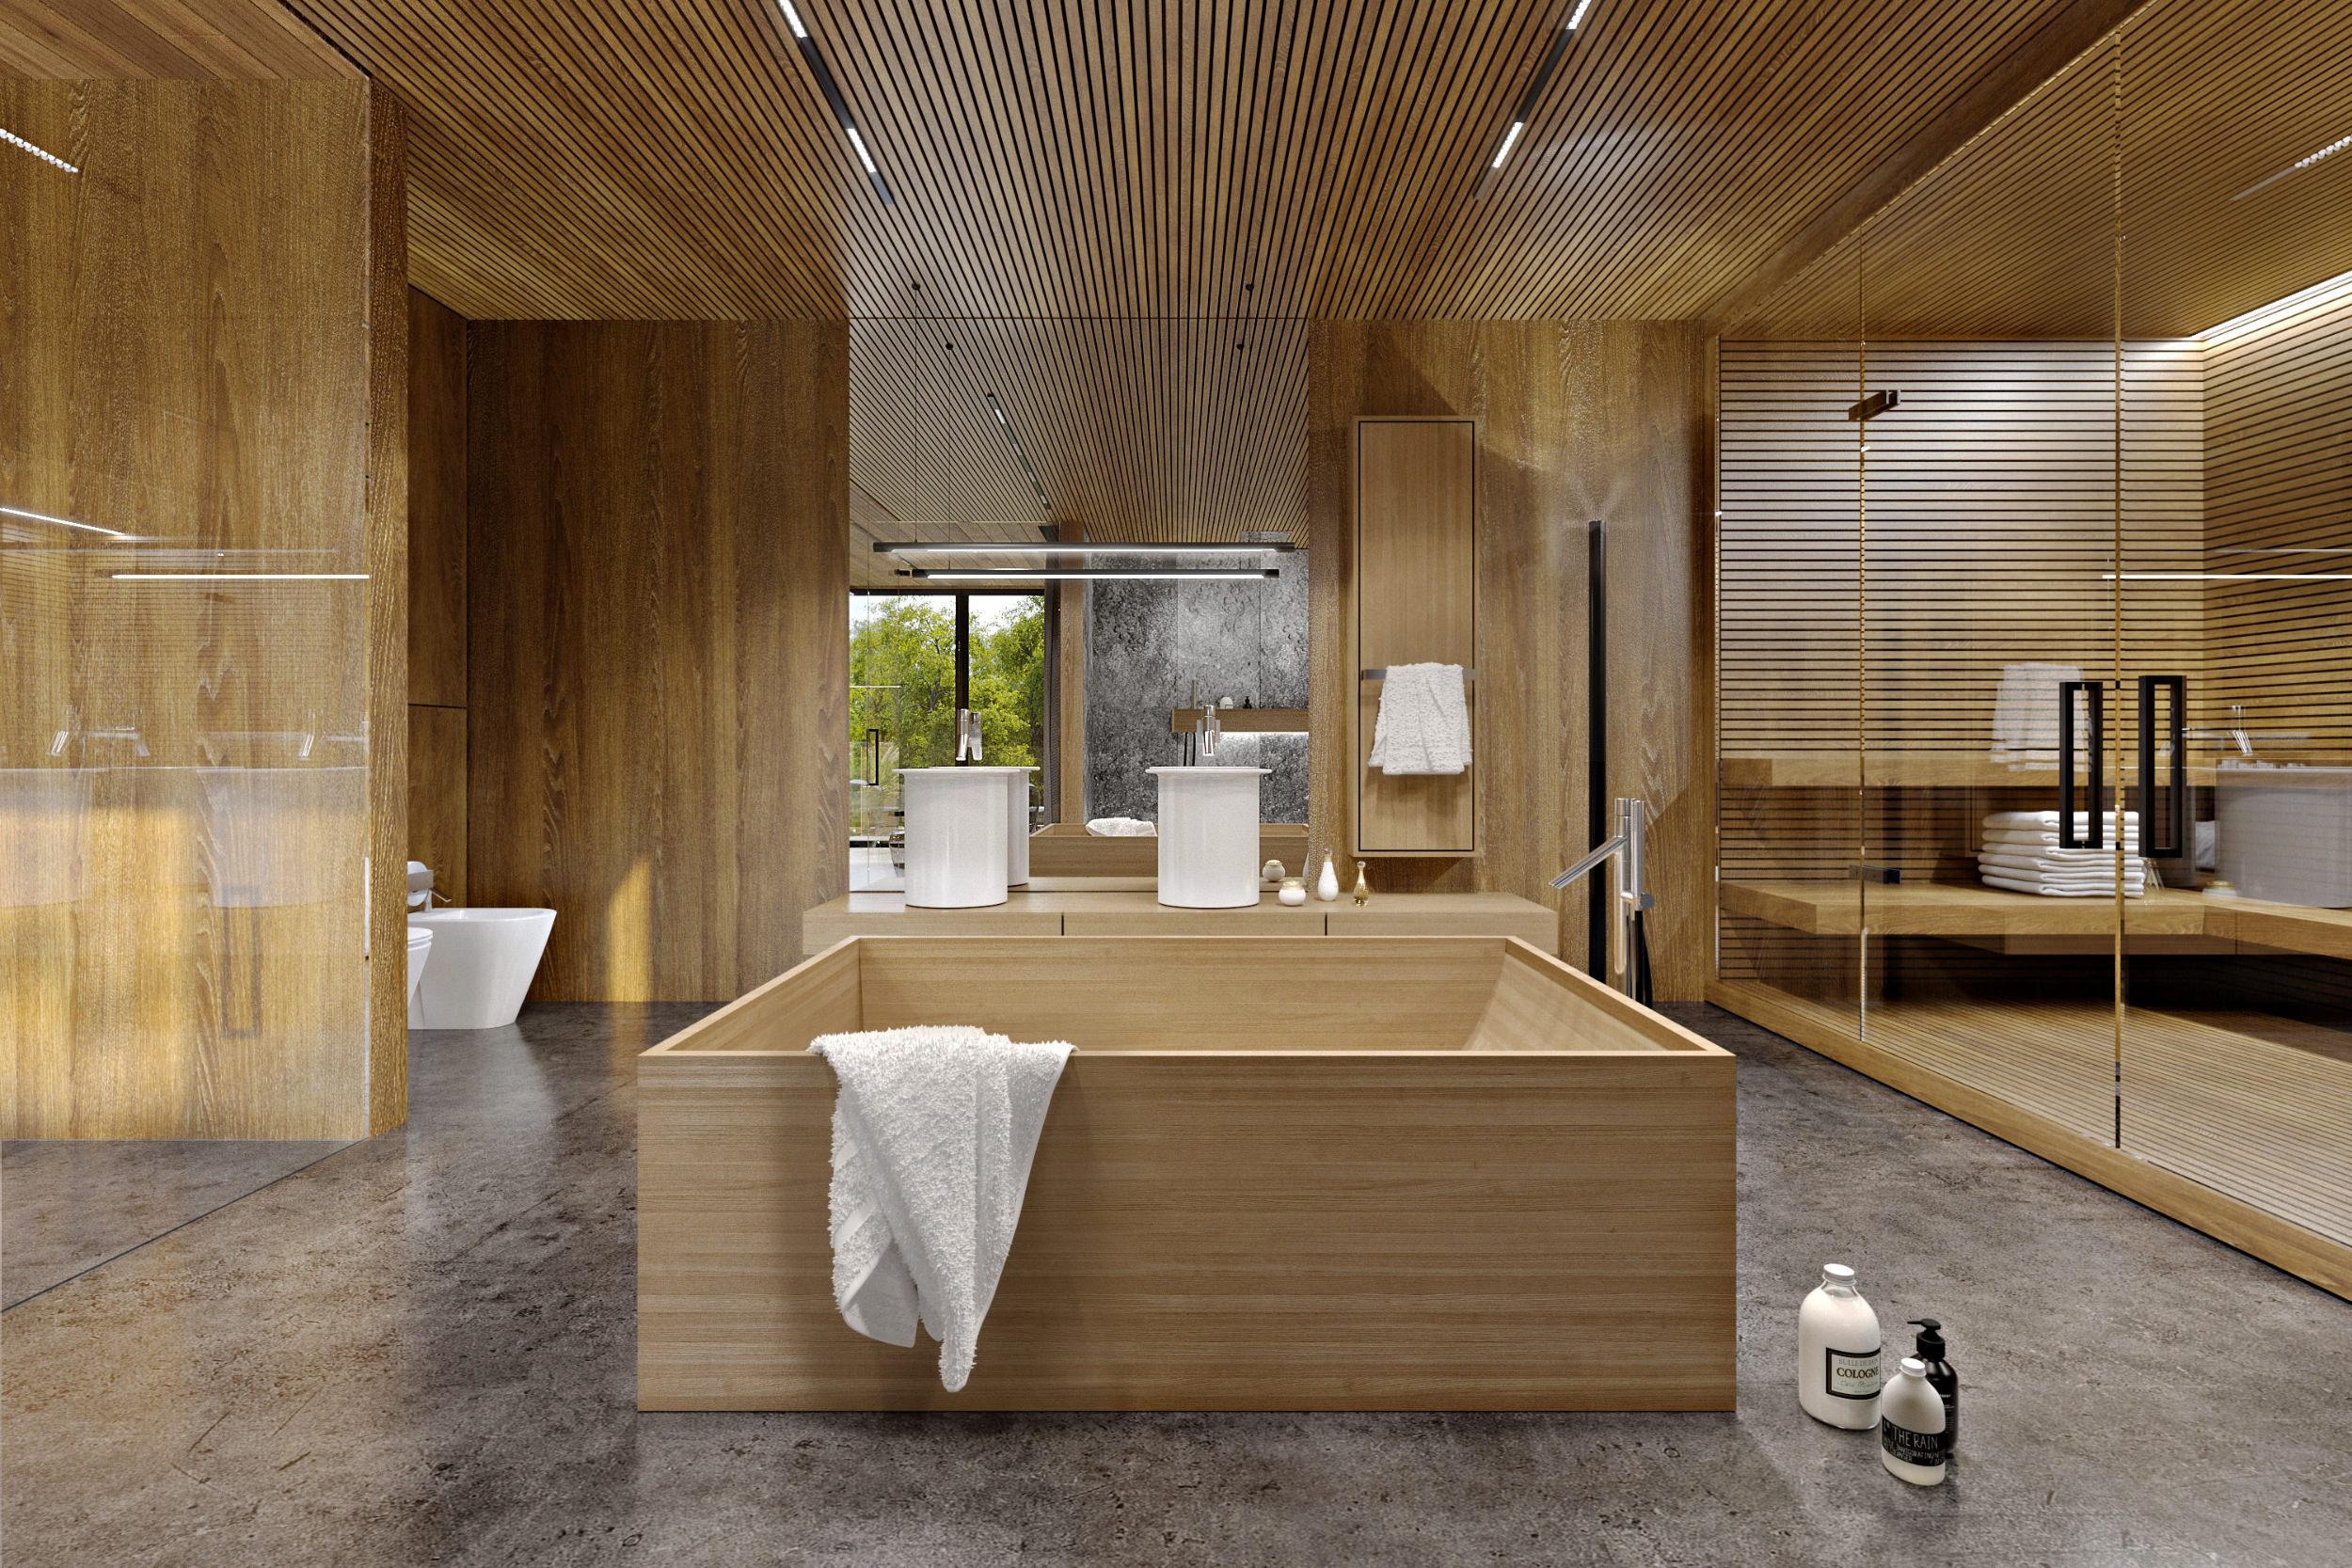 wooden bathtub in bathroom